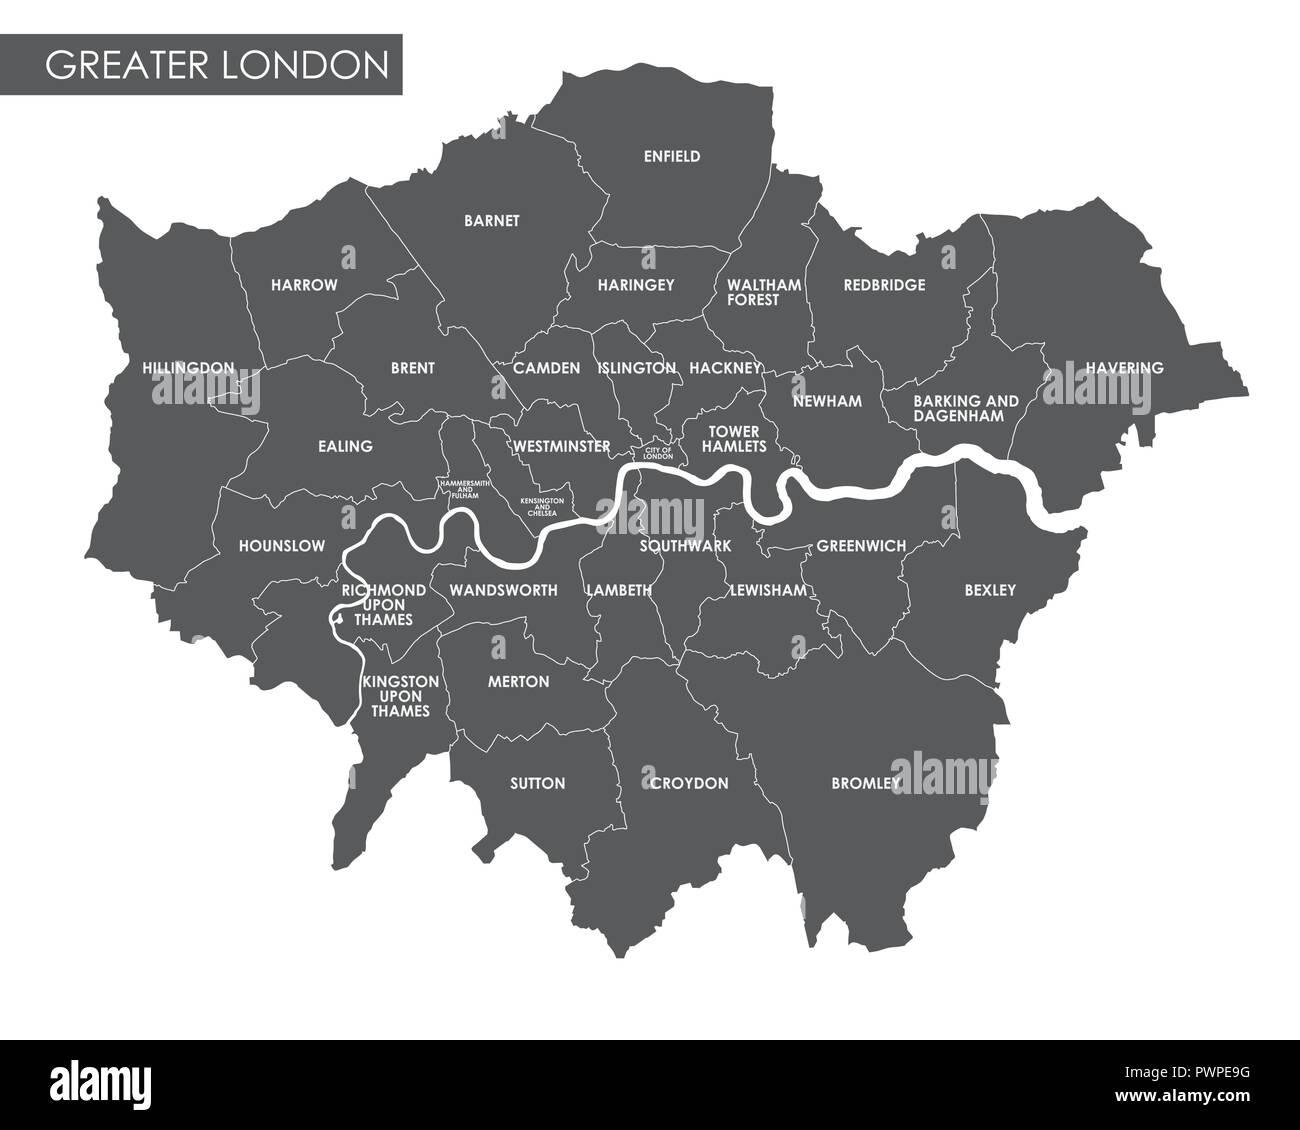 Karte London Stadtteile.Vektor Greater London Administrative Karte Detaillierte Plan